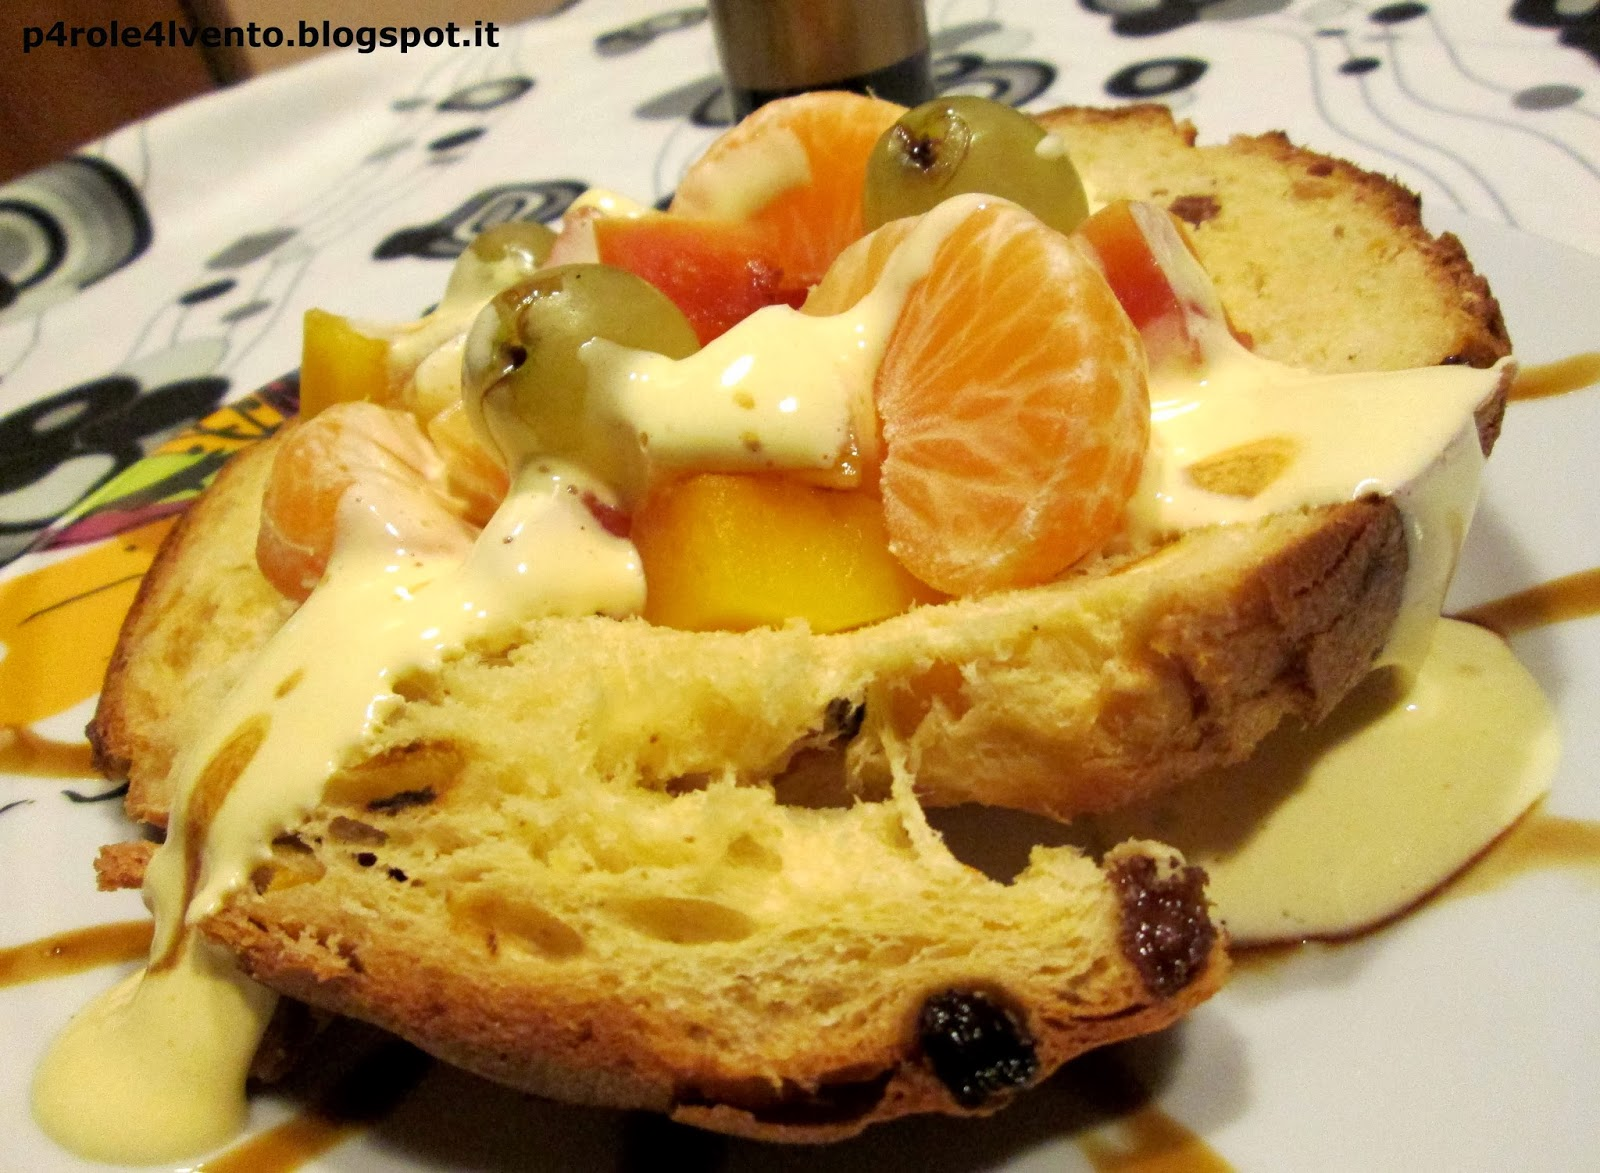 barchetta di panettone con zabaione balsamico guerzoni e frutta esotica